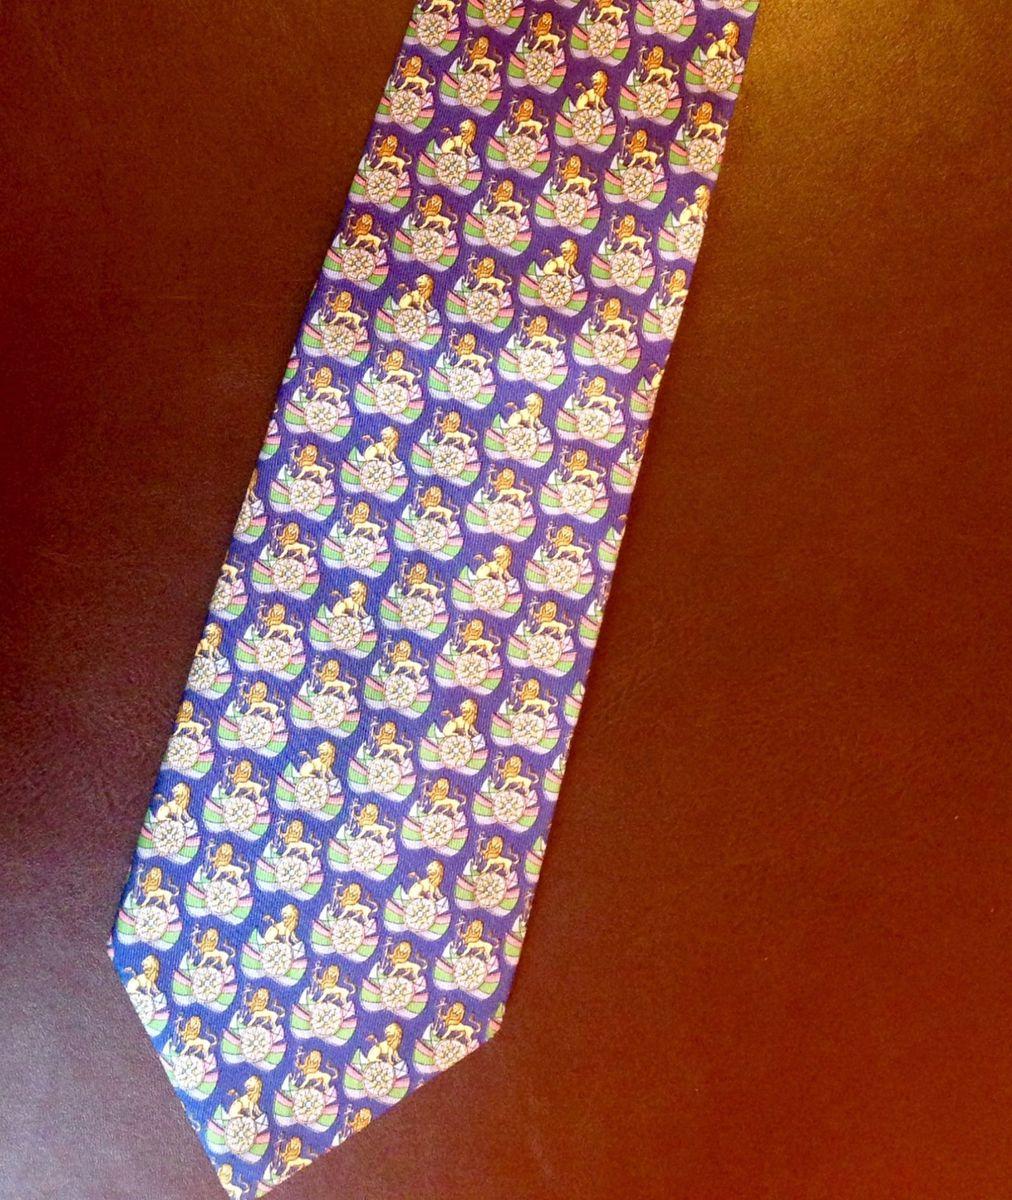 cbb5f8b228935 gravata salvatore ferragamo - outros salvatore ferragamo